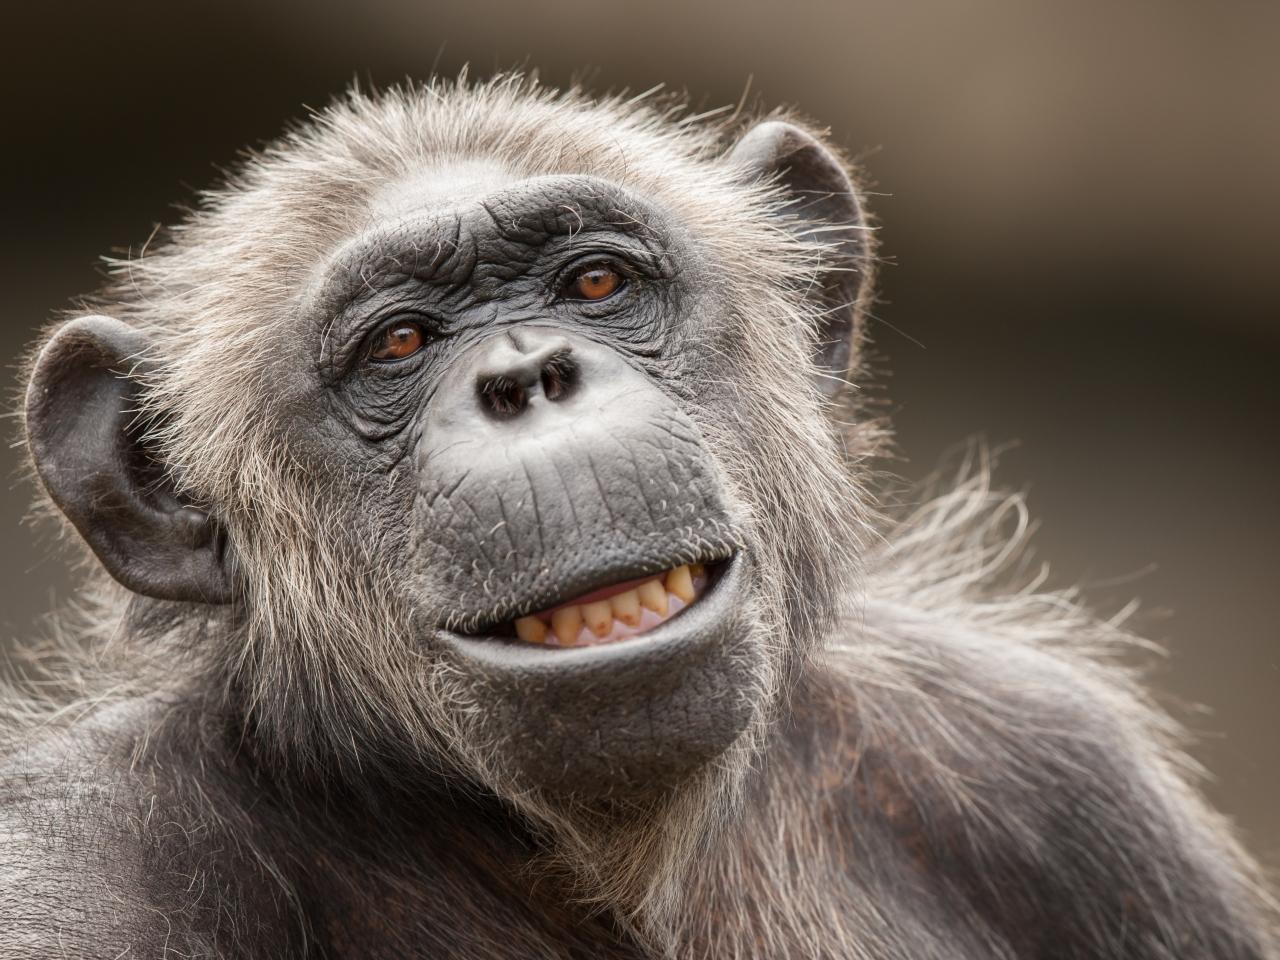 La cara de un chimpancé - 1280x960